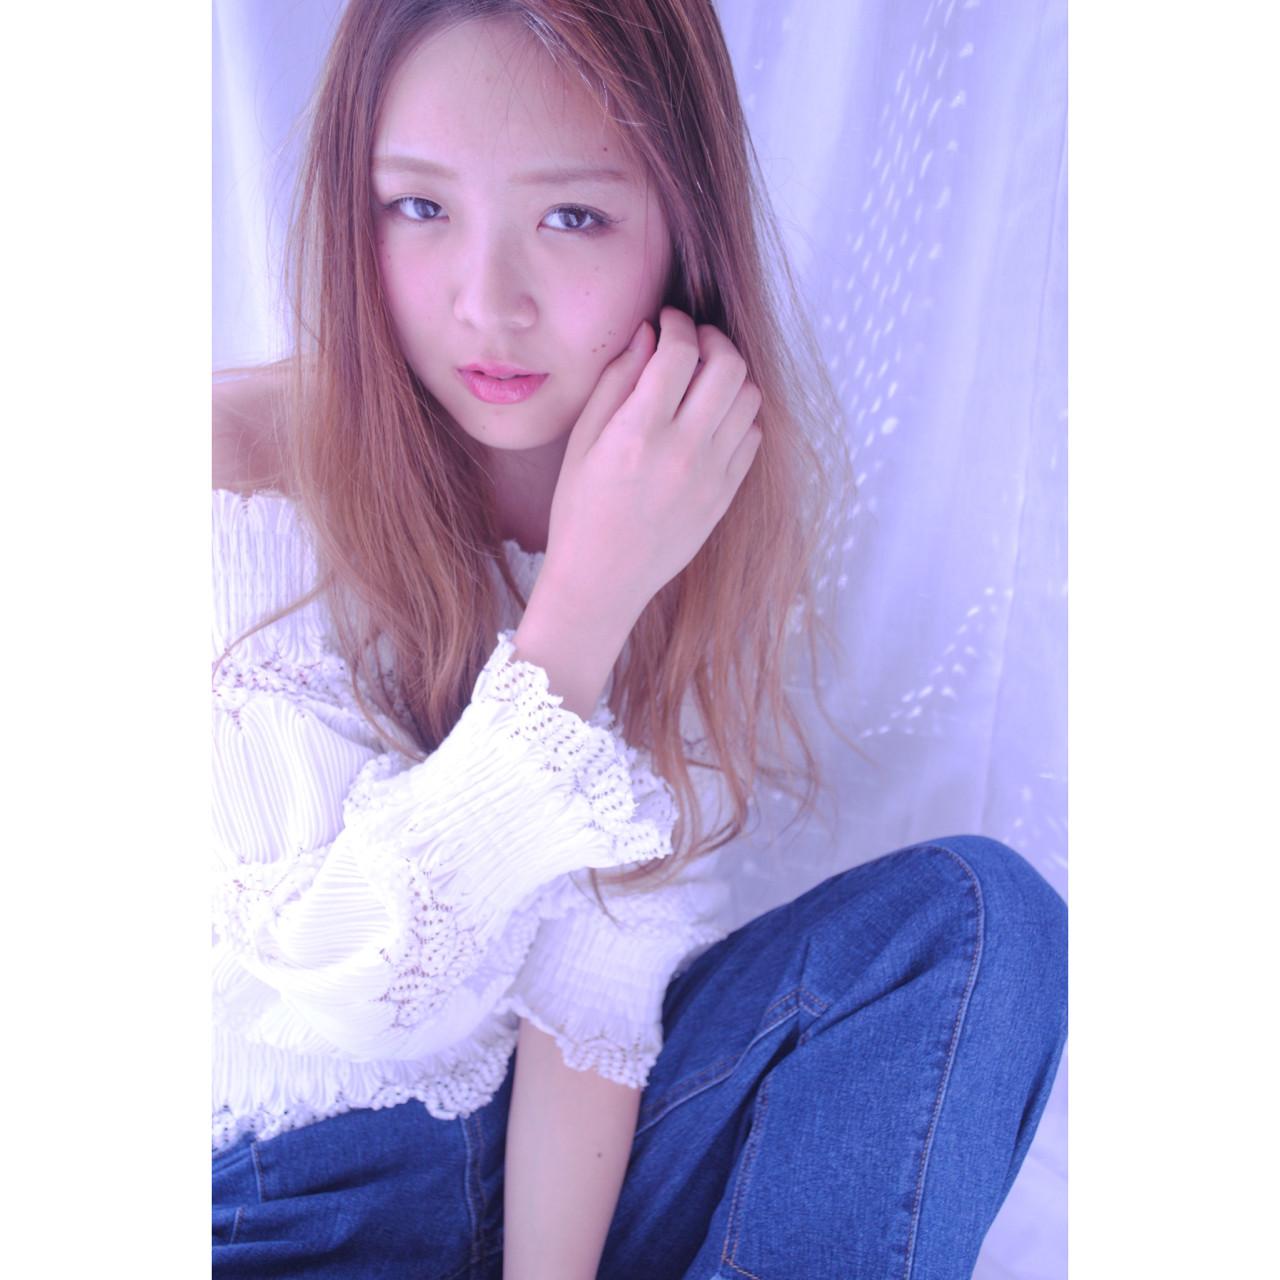 アンニュイ 小顔 こなれ感 外国人風 ヘアスタイルや髪型の写真・画像